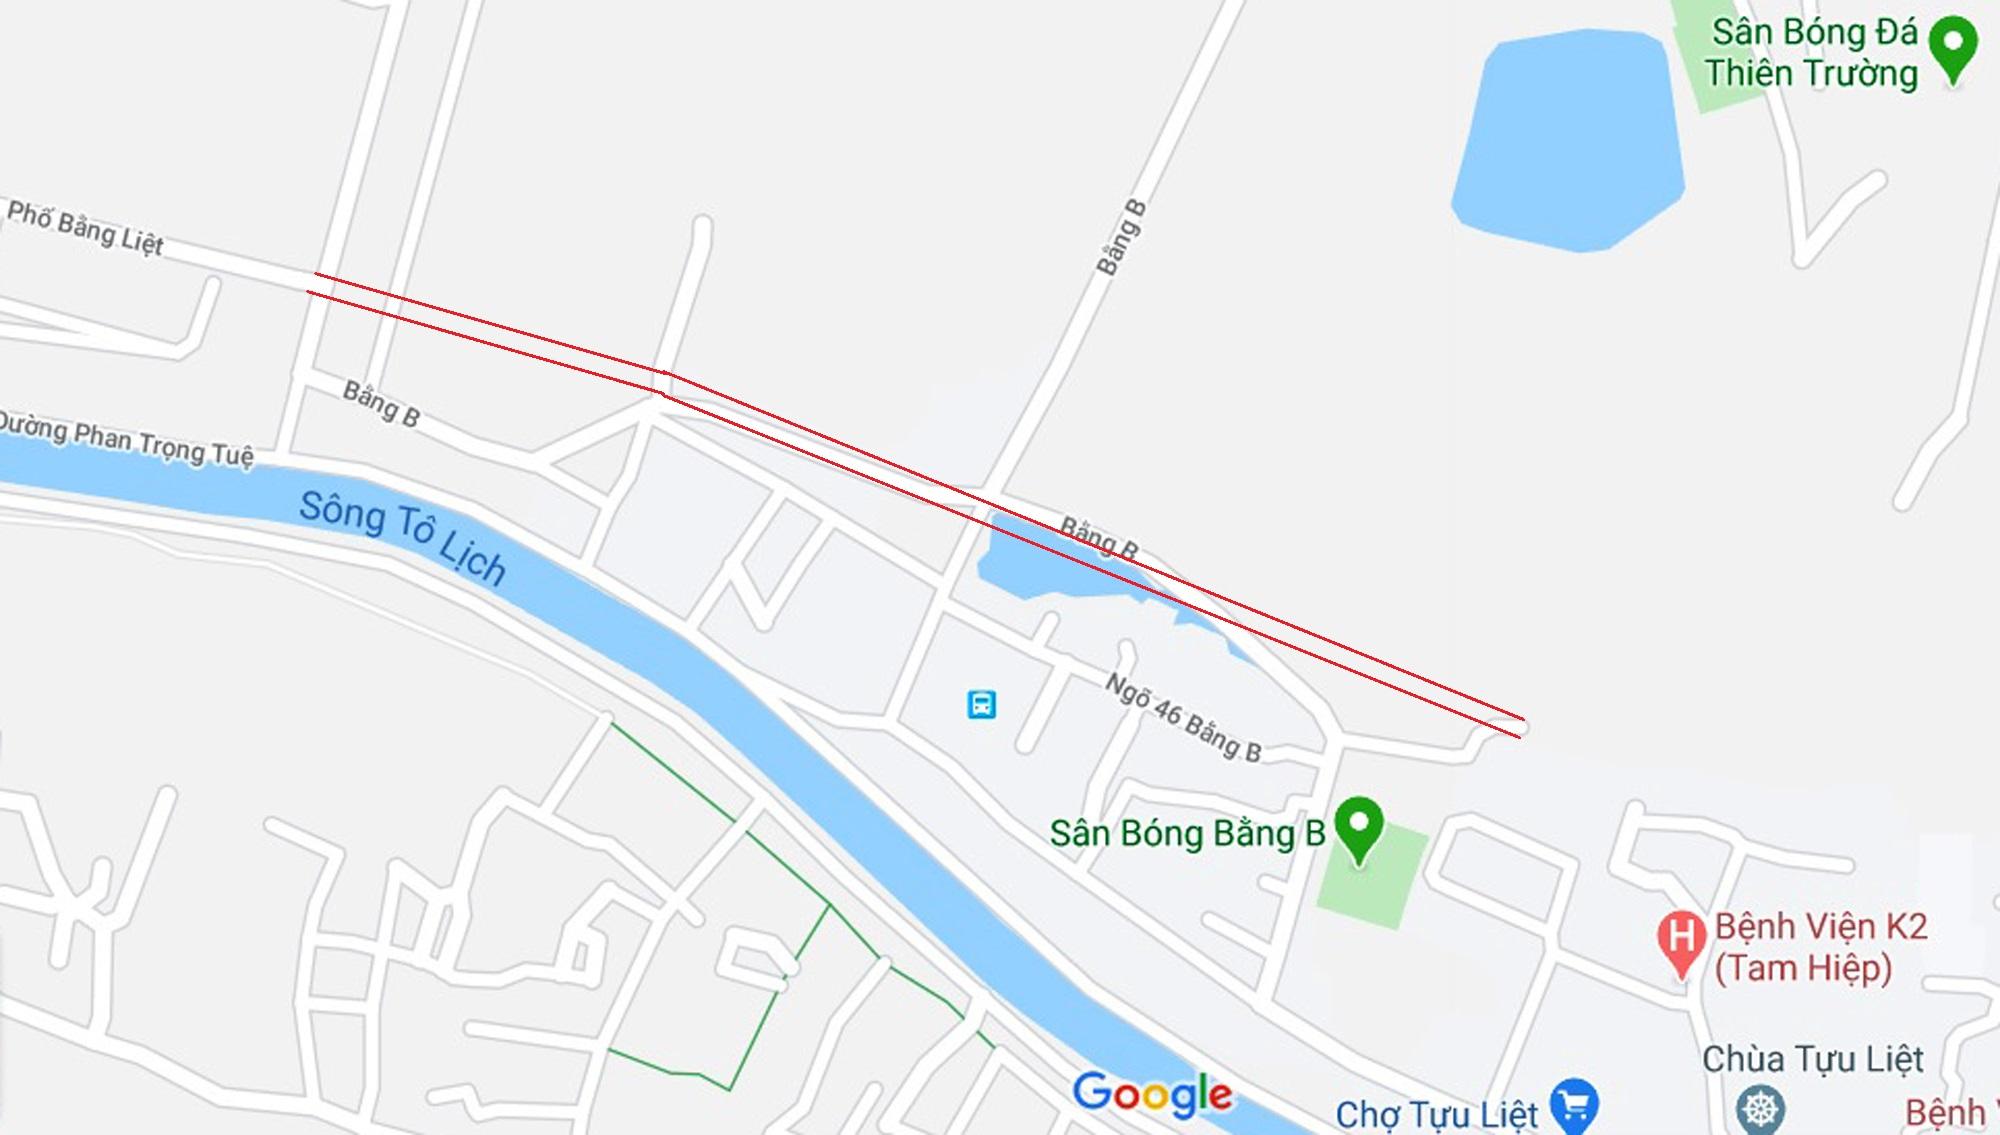 Ba đường sẽ mở theo qui hoạch ở phường Hoàng Liệt, Hoàng Mai, Hà Nội - Ảnh 10.